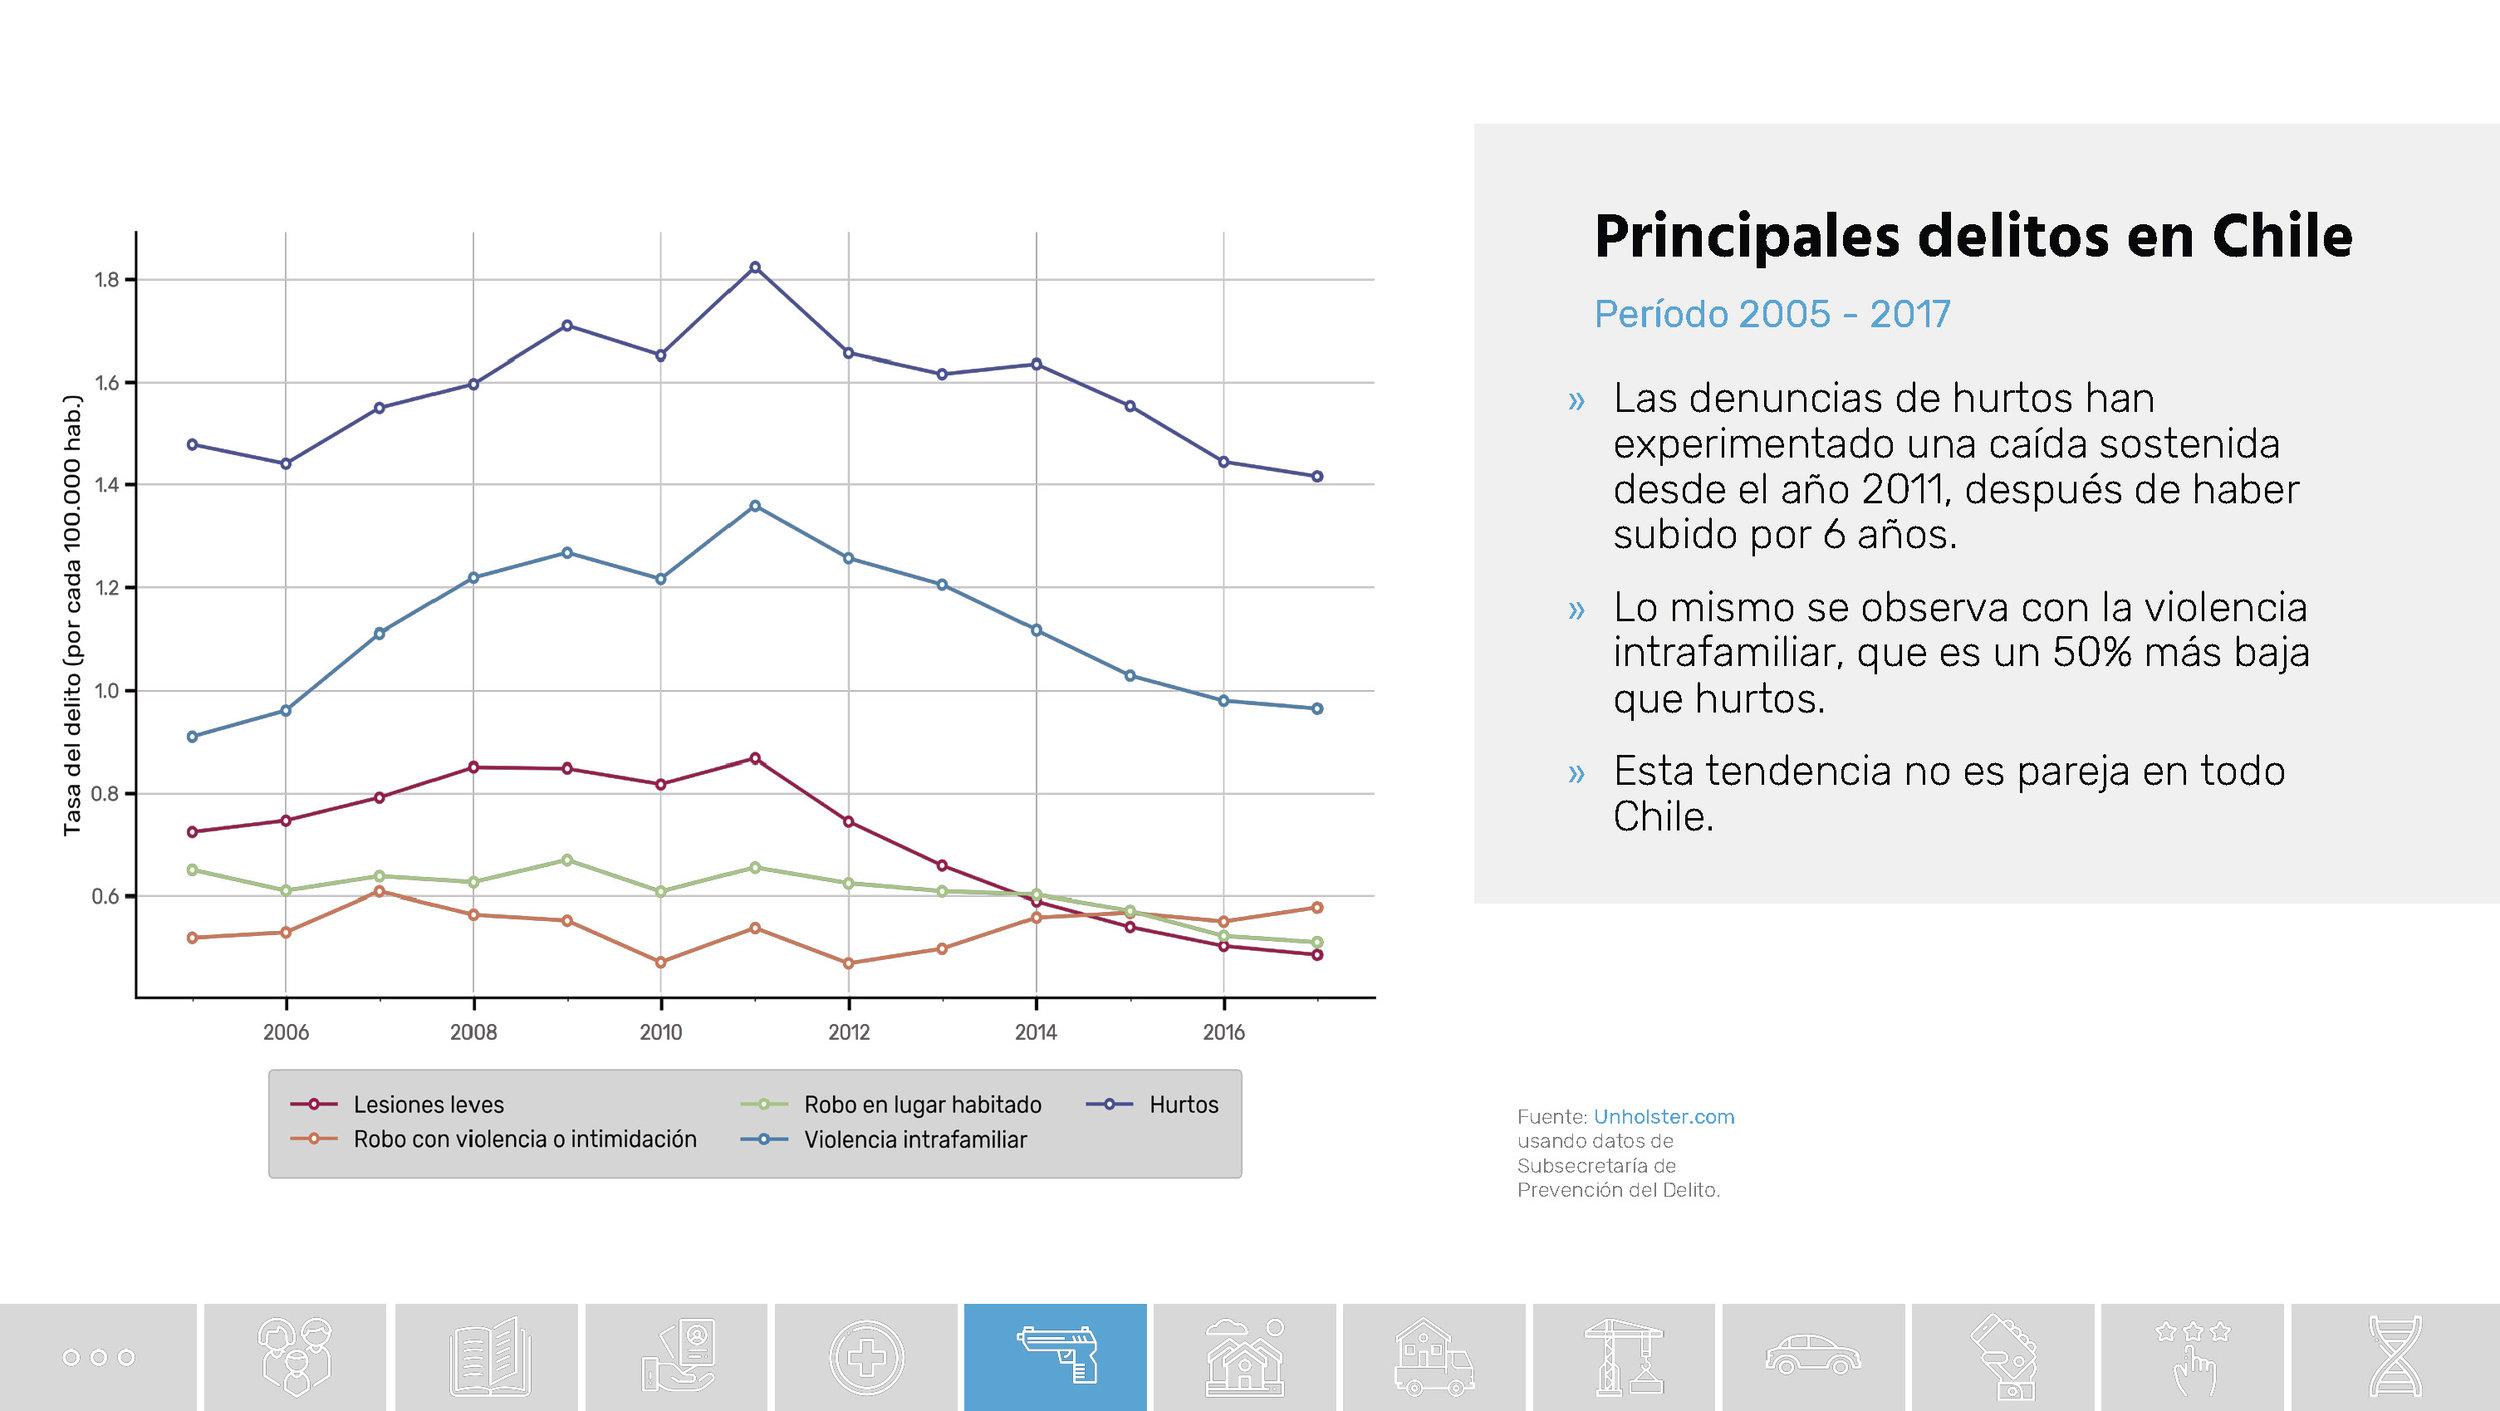 Chile_Datos de una transformacion social_Unholster_Página_47.jpg